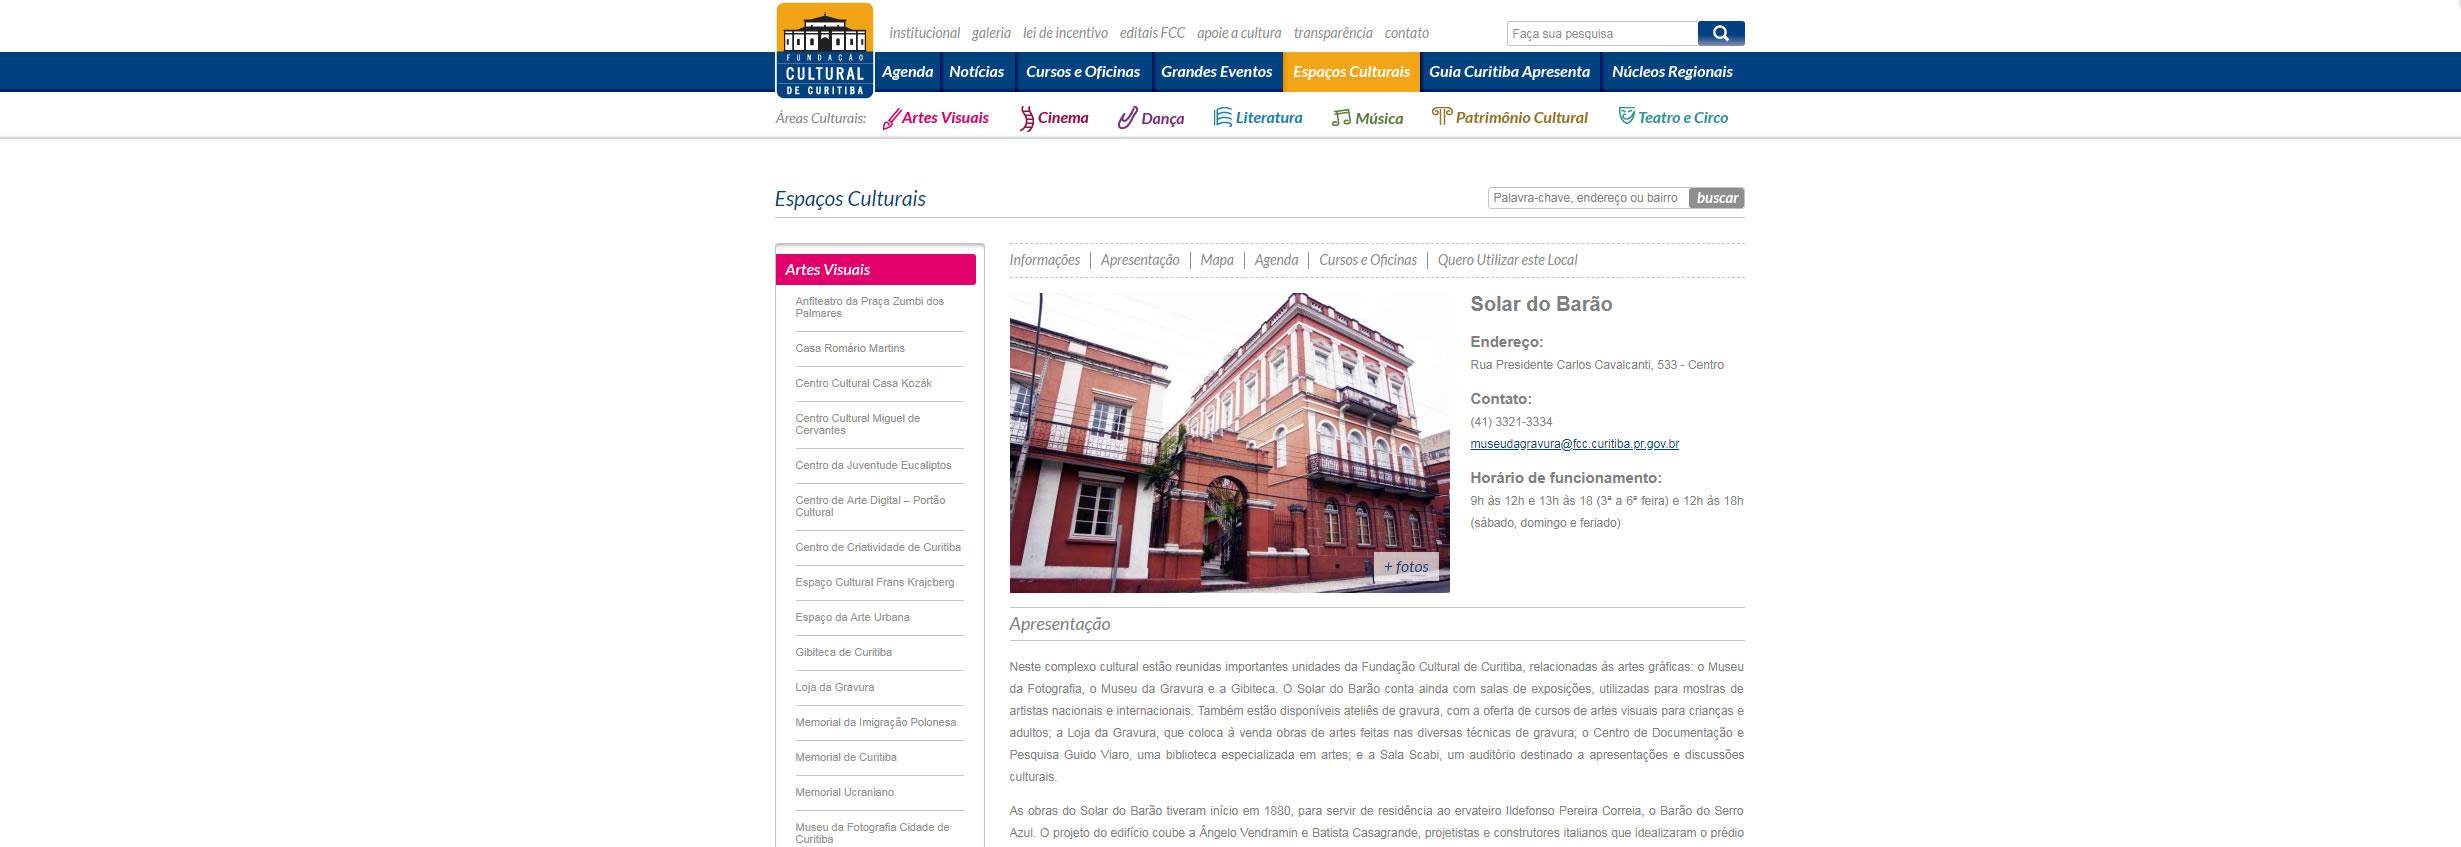 solar_do_barao_galeria_de_gravura